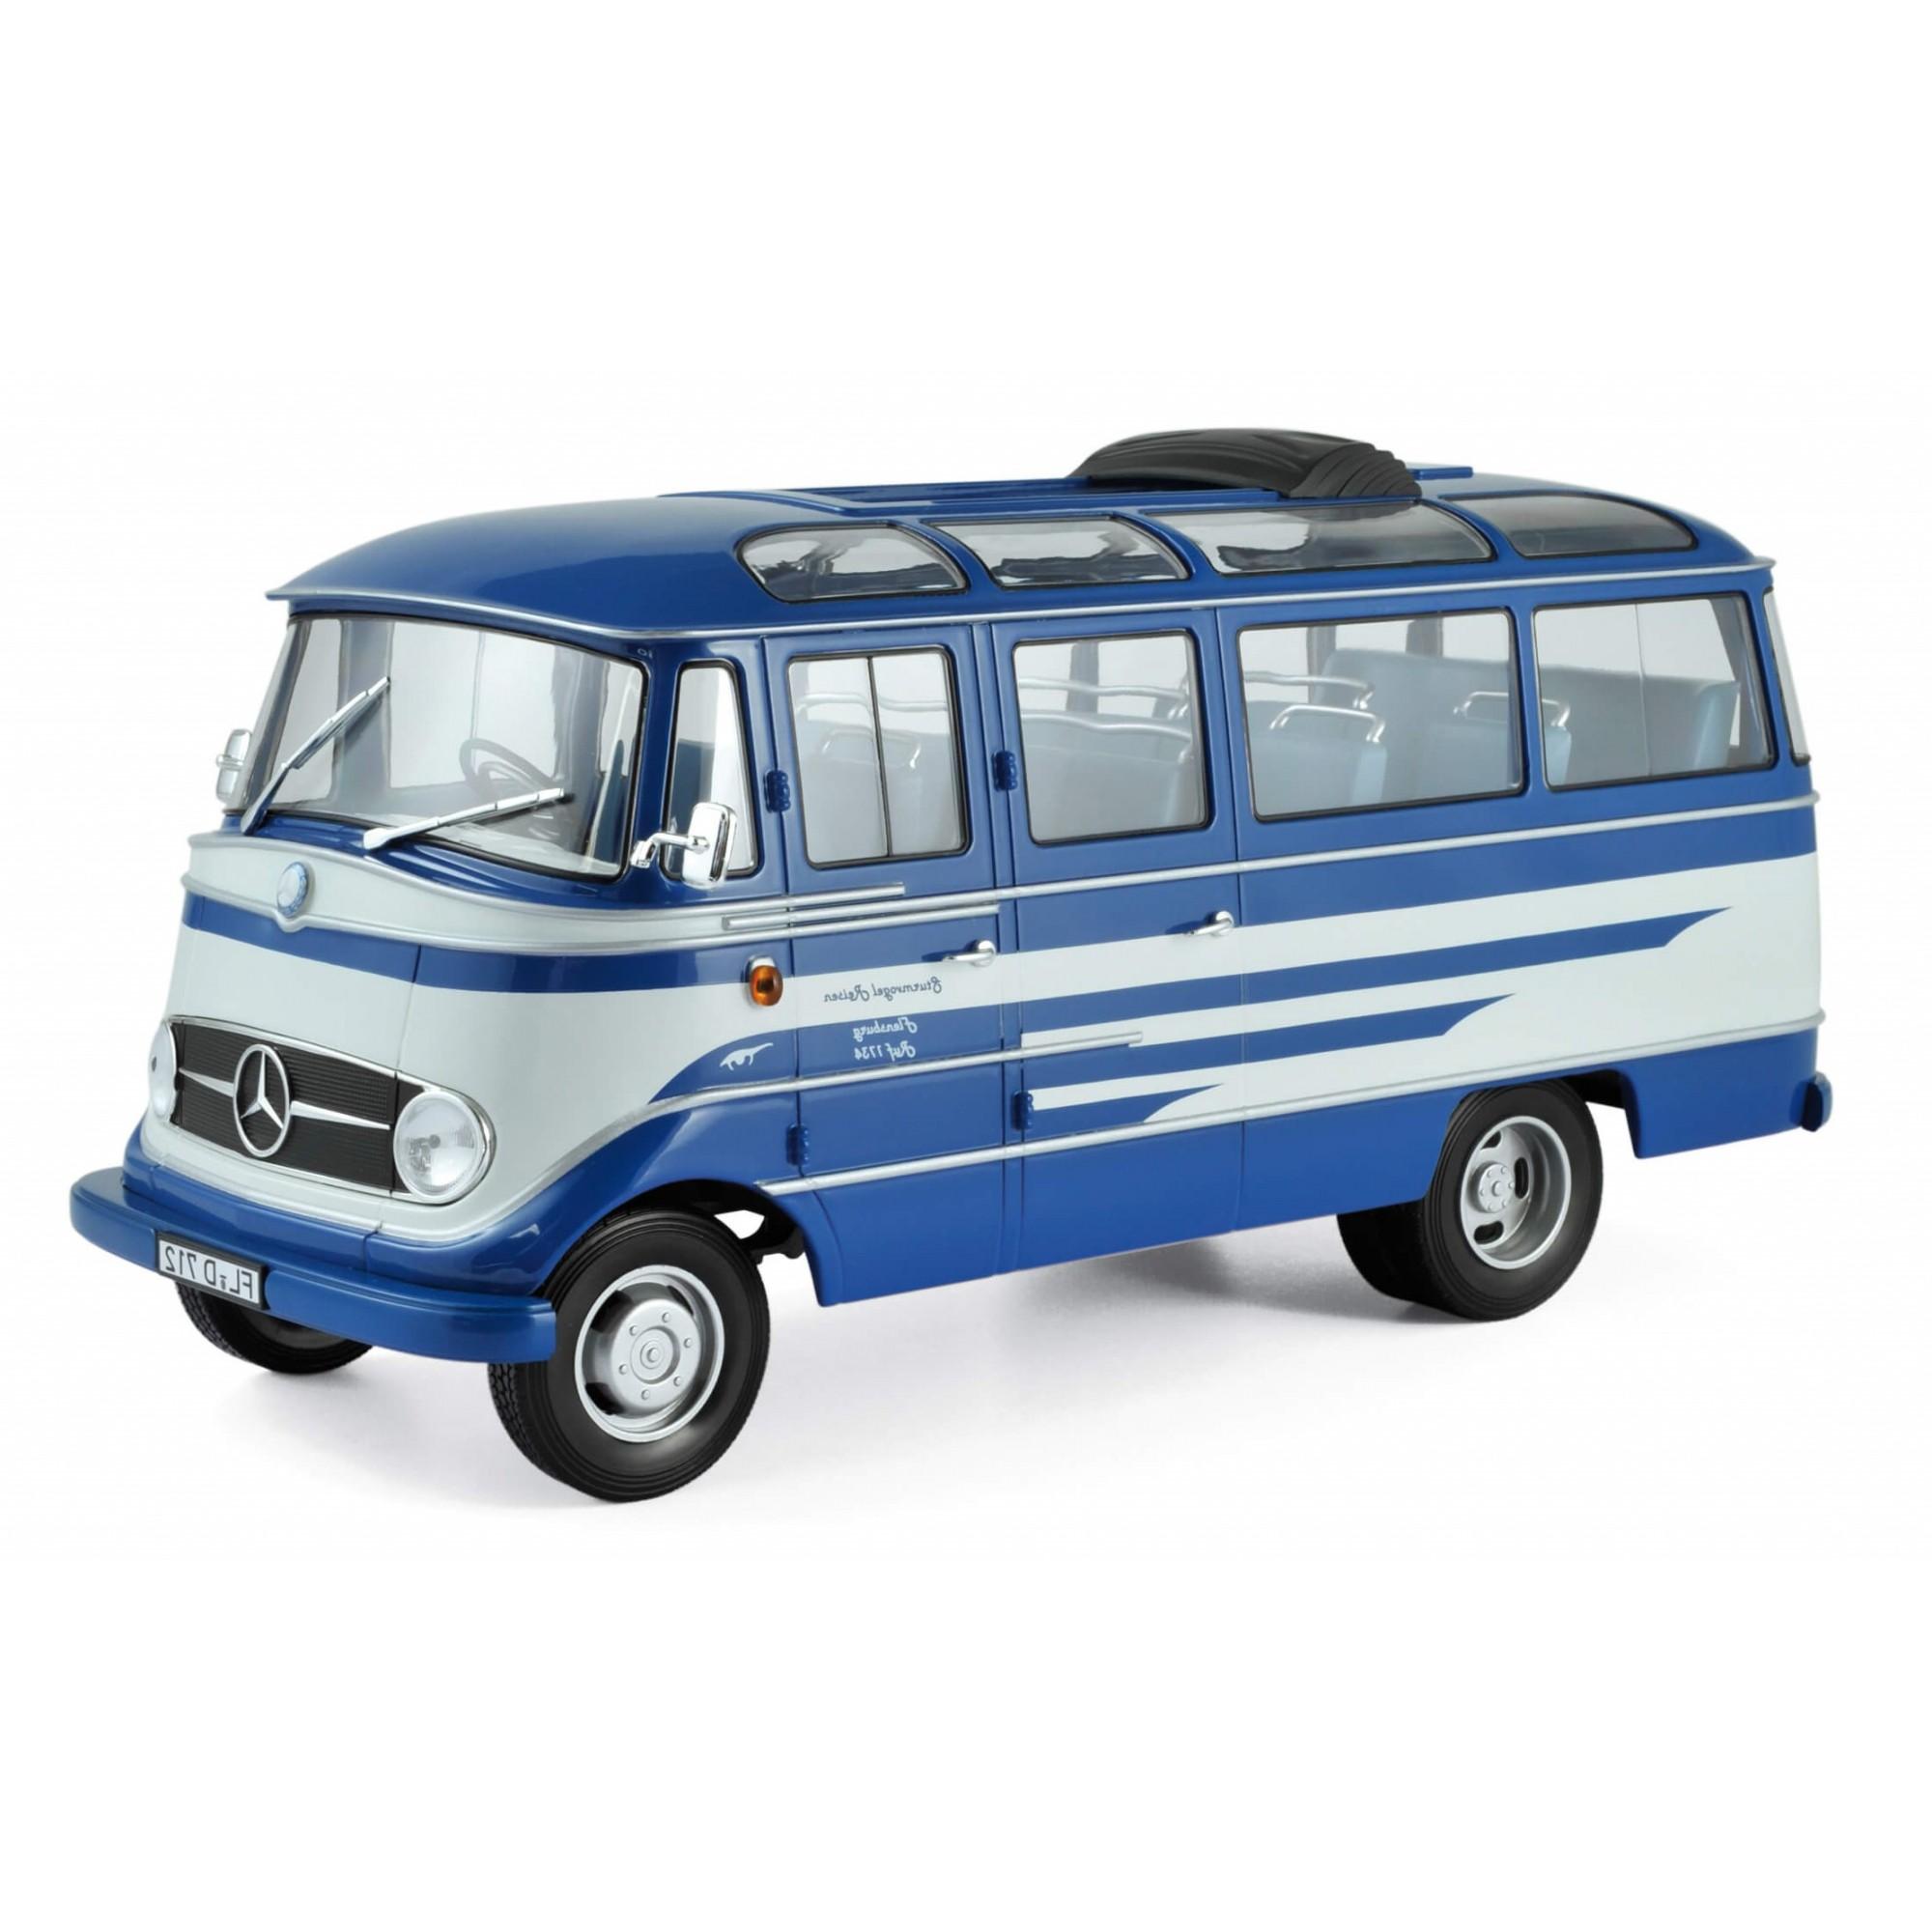 Miniatura Ônibus Mercedes Benz 0319 1960 1/18 Norev